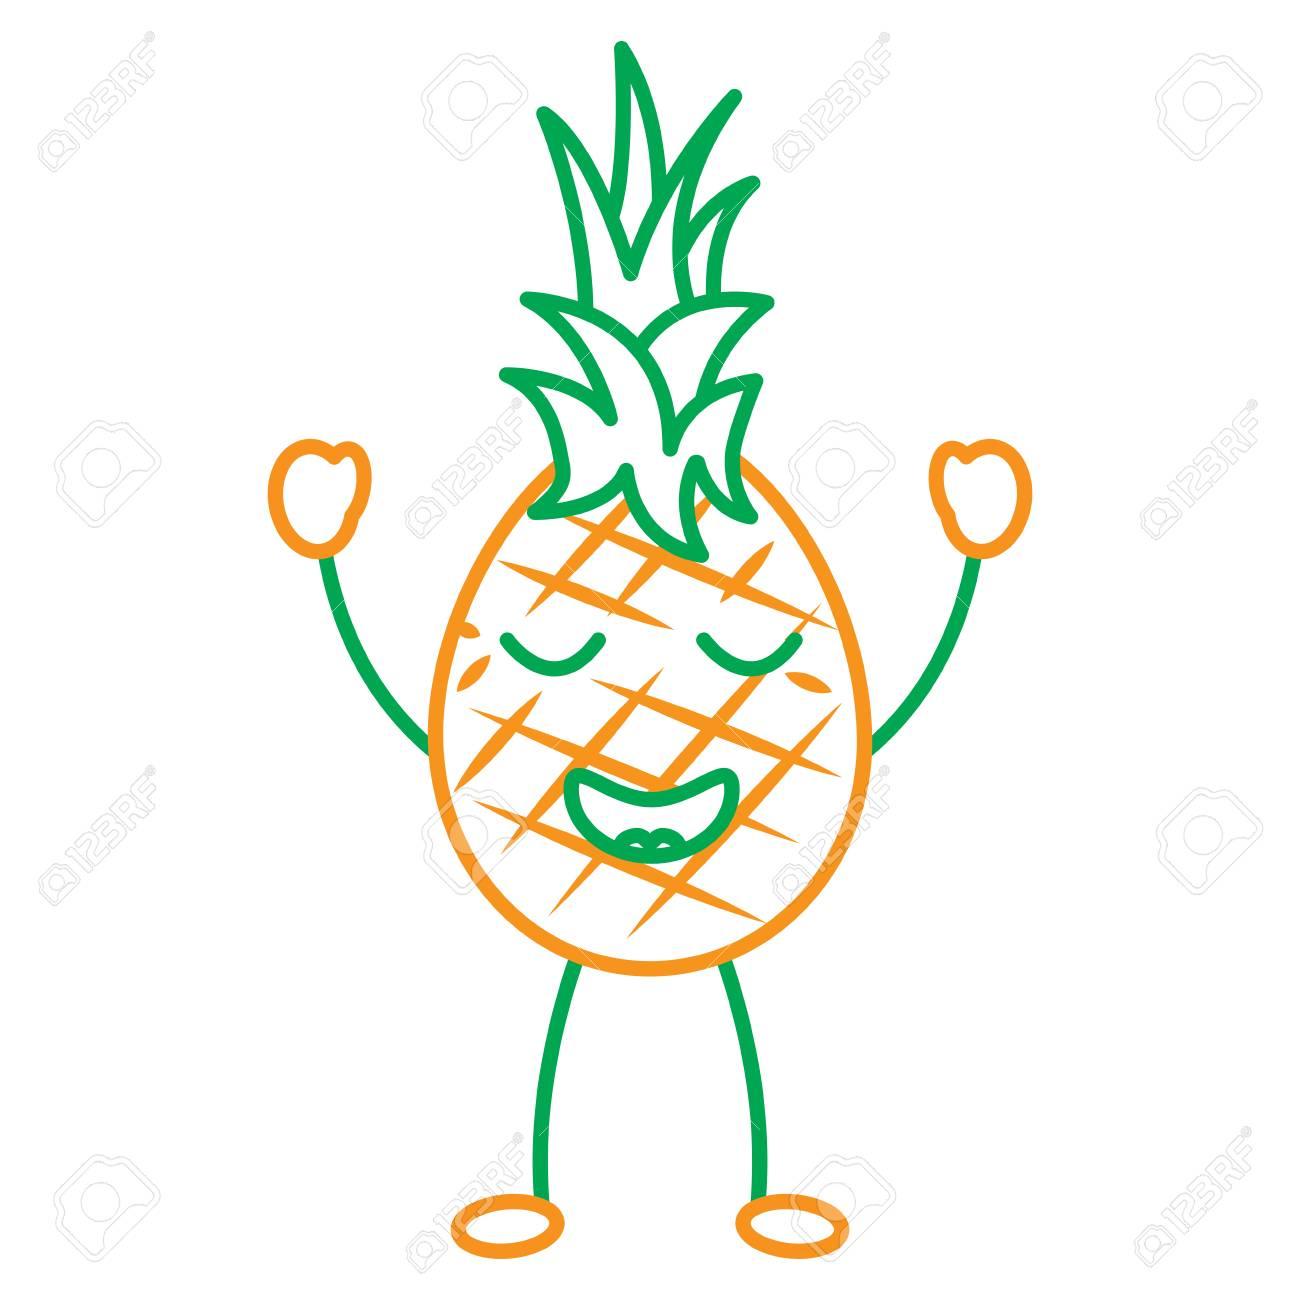 Ananas Kawaii Fruit Dessin Animé Vector Illustration De Ligne En Couleur Verte Et Orange